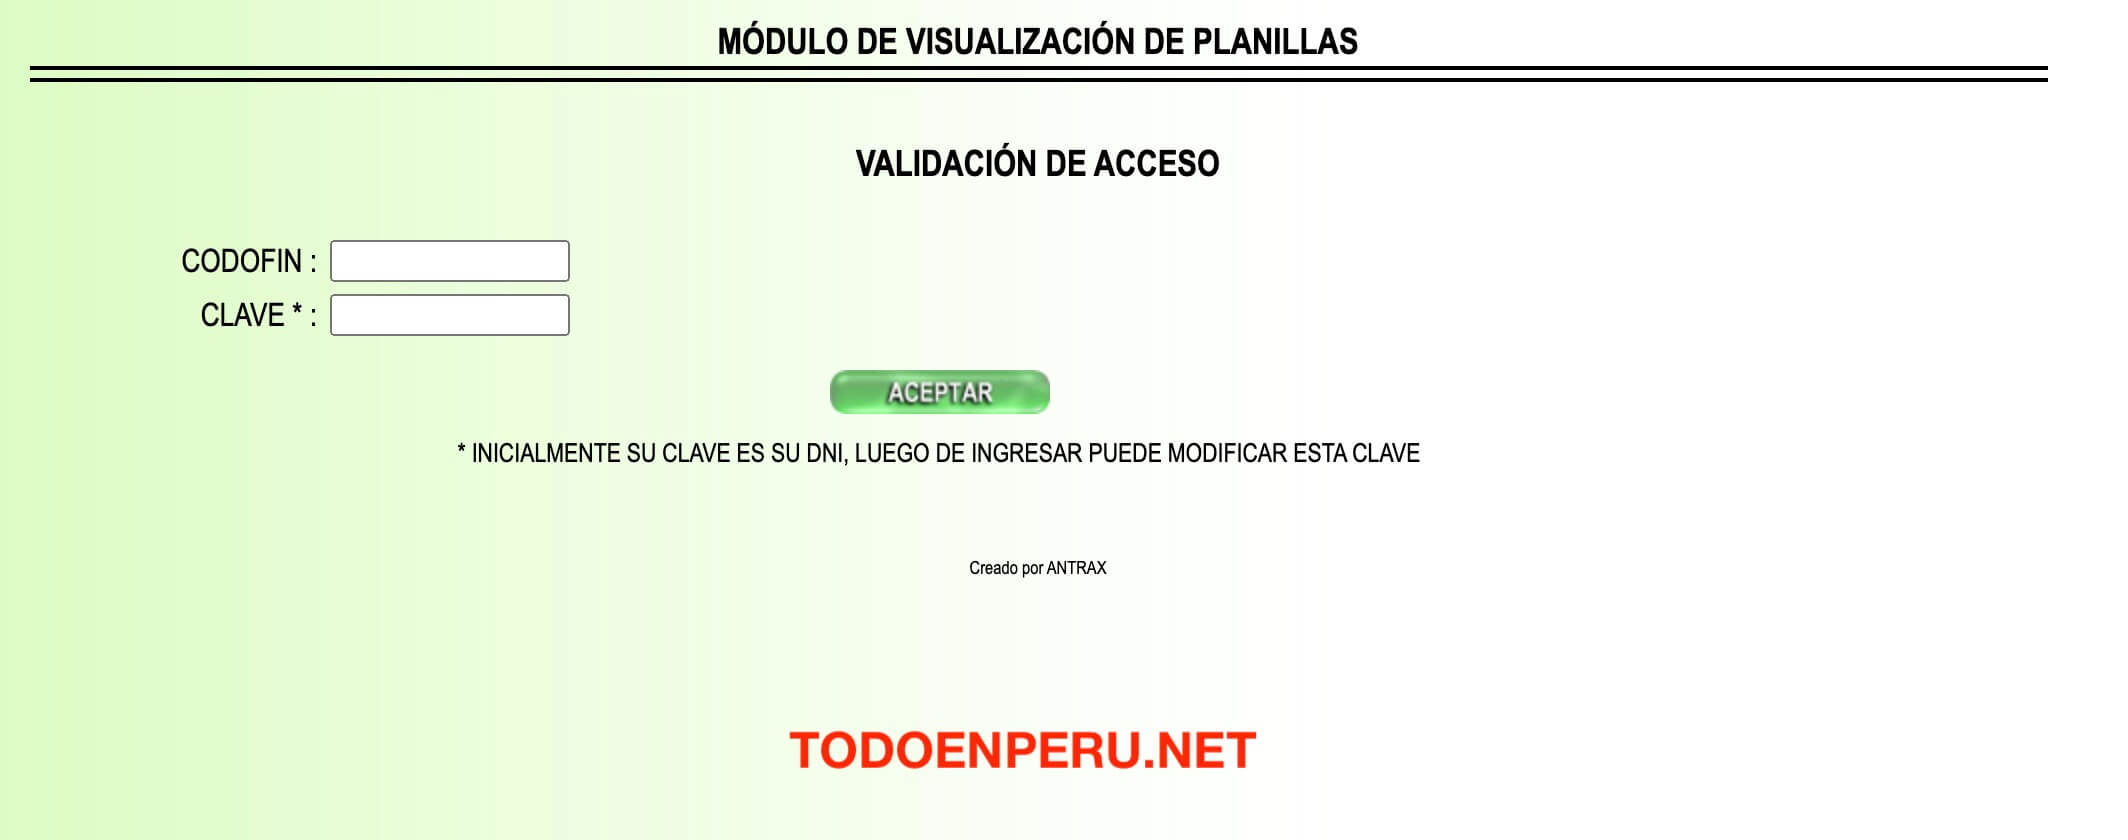 Planilla Virtual PNP, como consultar e imprimir paso a paso